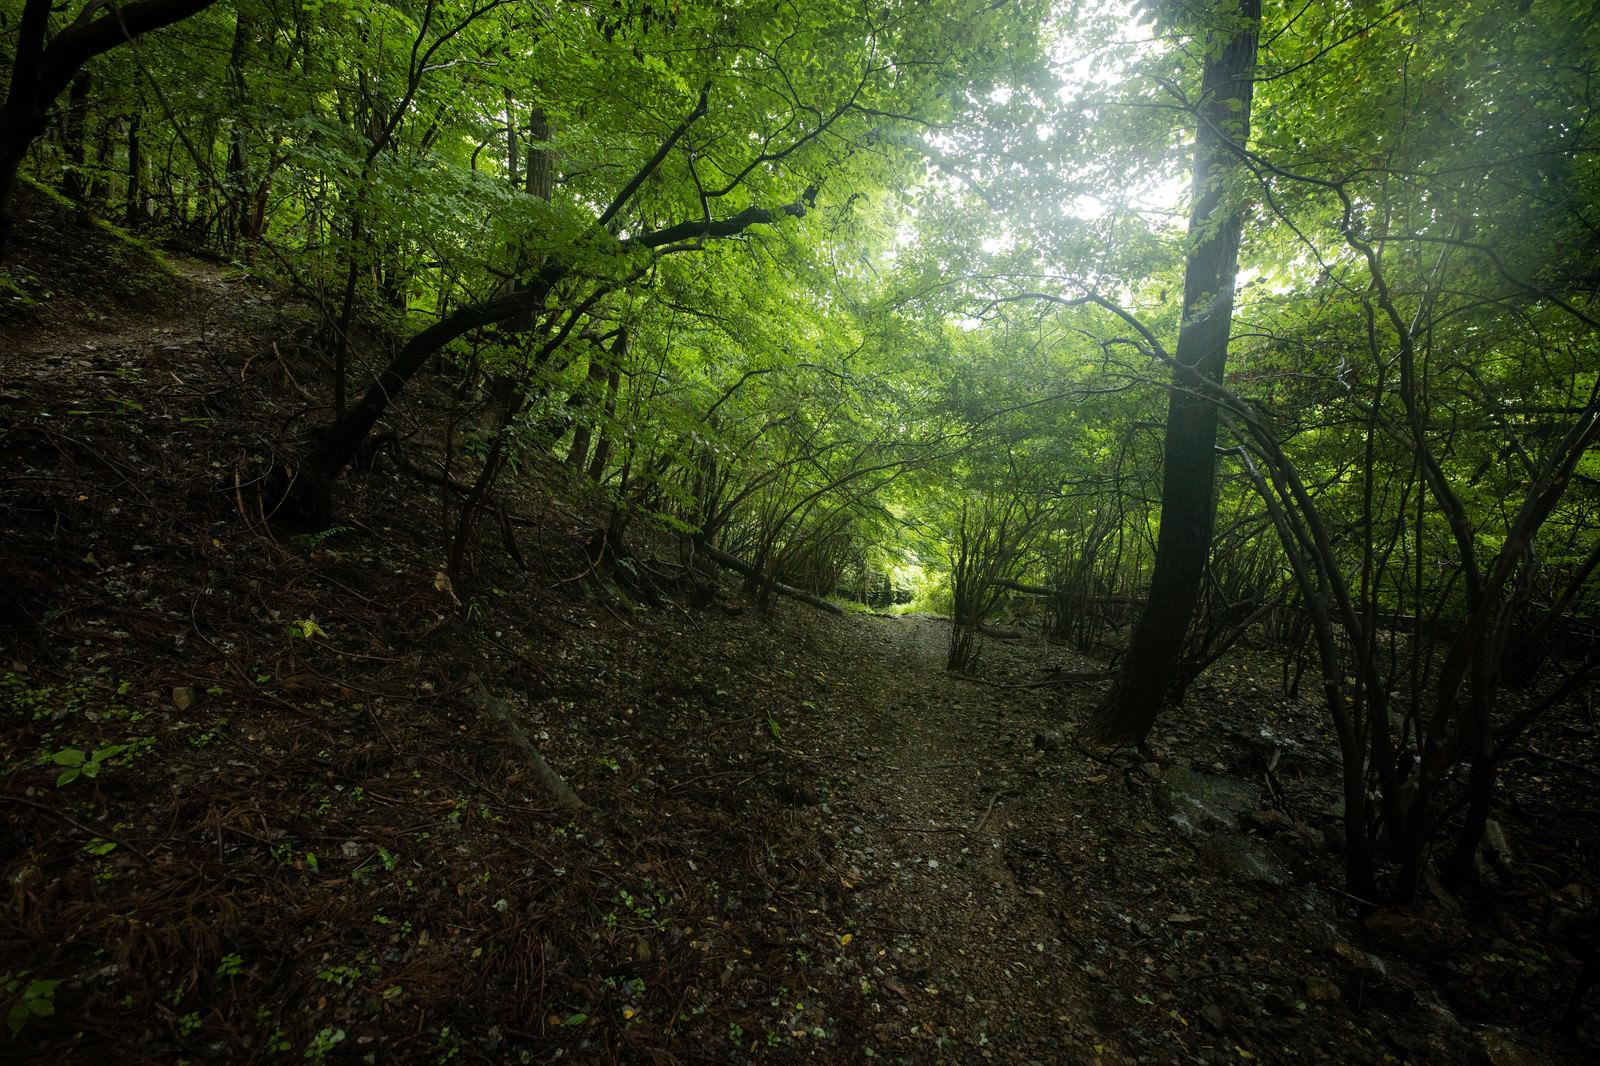 「木に覆われた道を進む」の写真